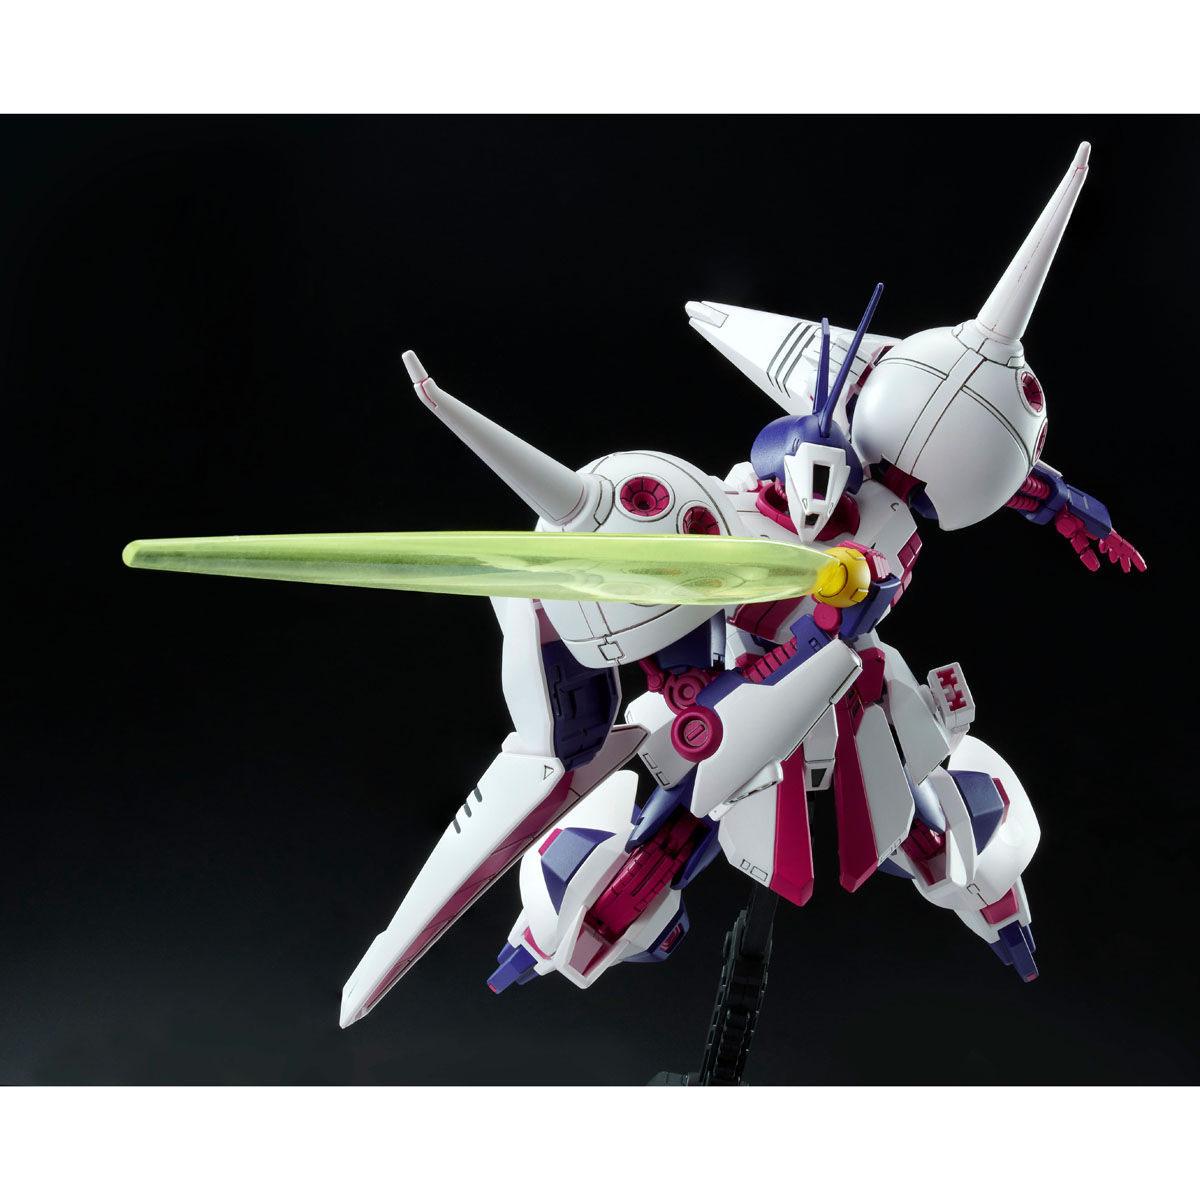 【限定販売】HG 1/144『R・ジャジャ(Twilight AXIS Ver.)』トワイライト アクシズ プラモデル-005